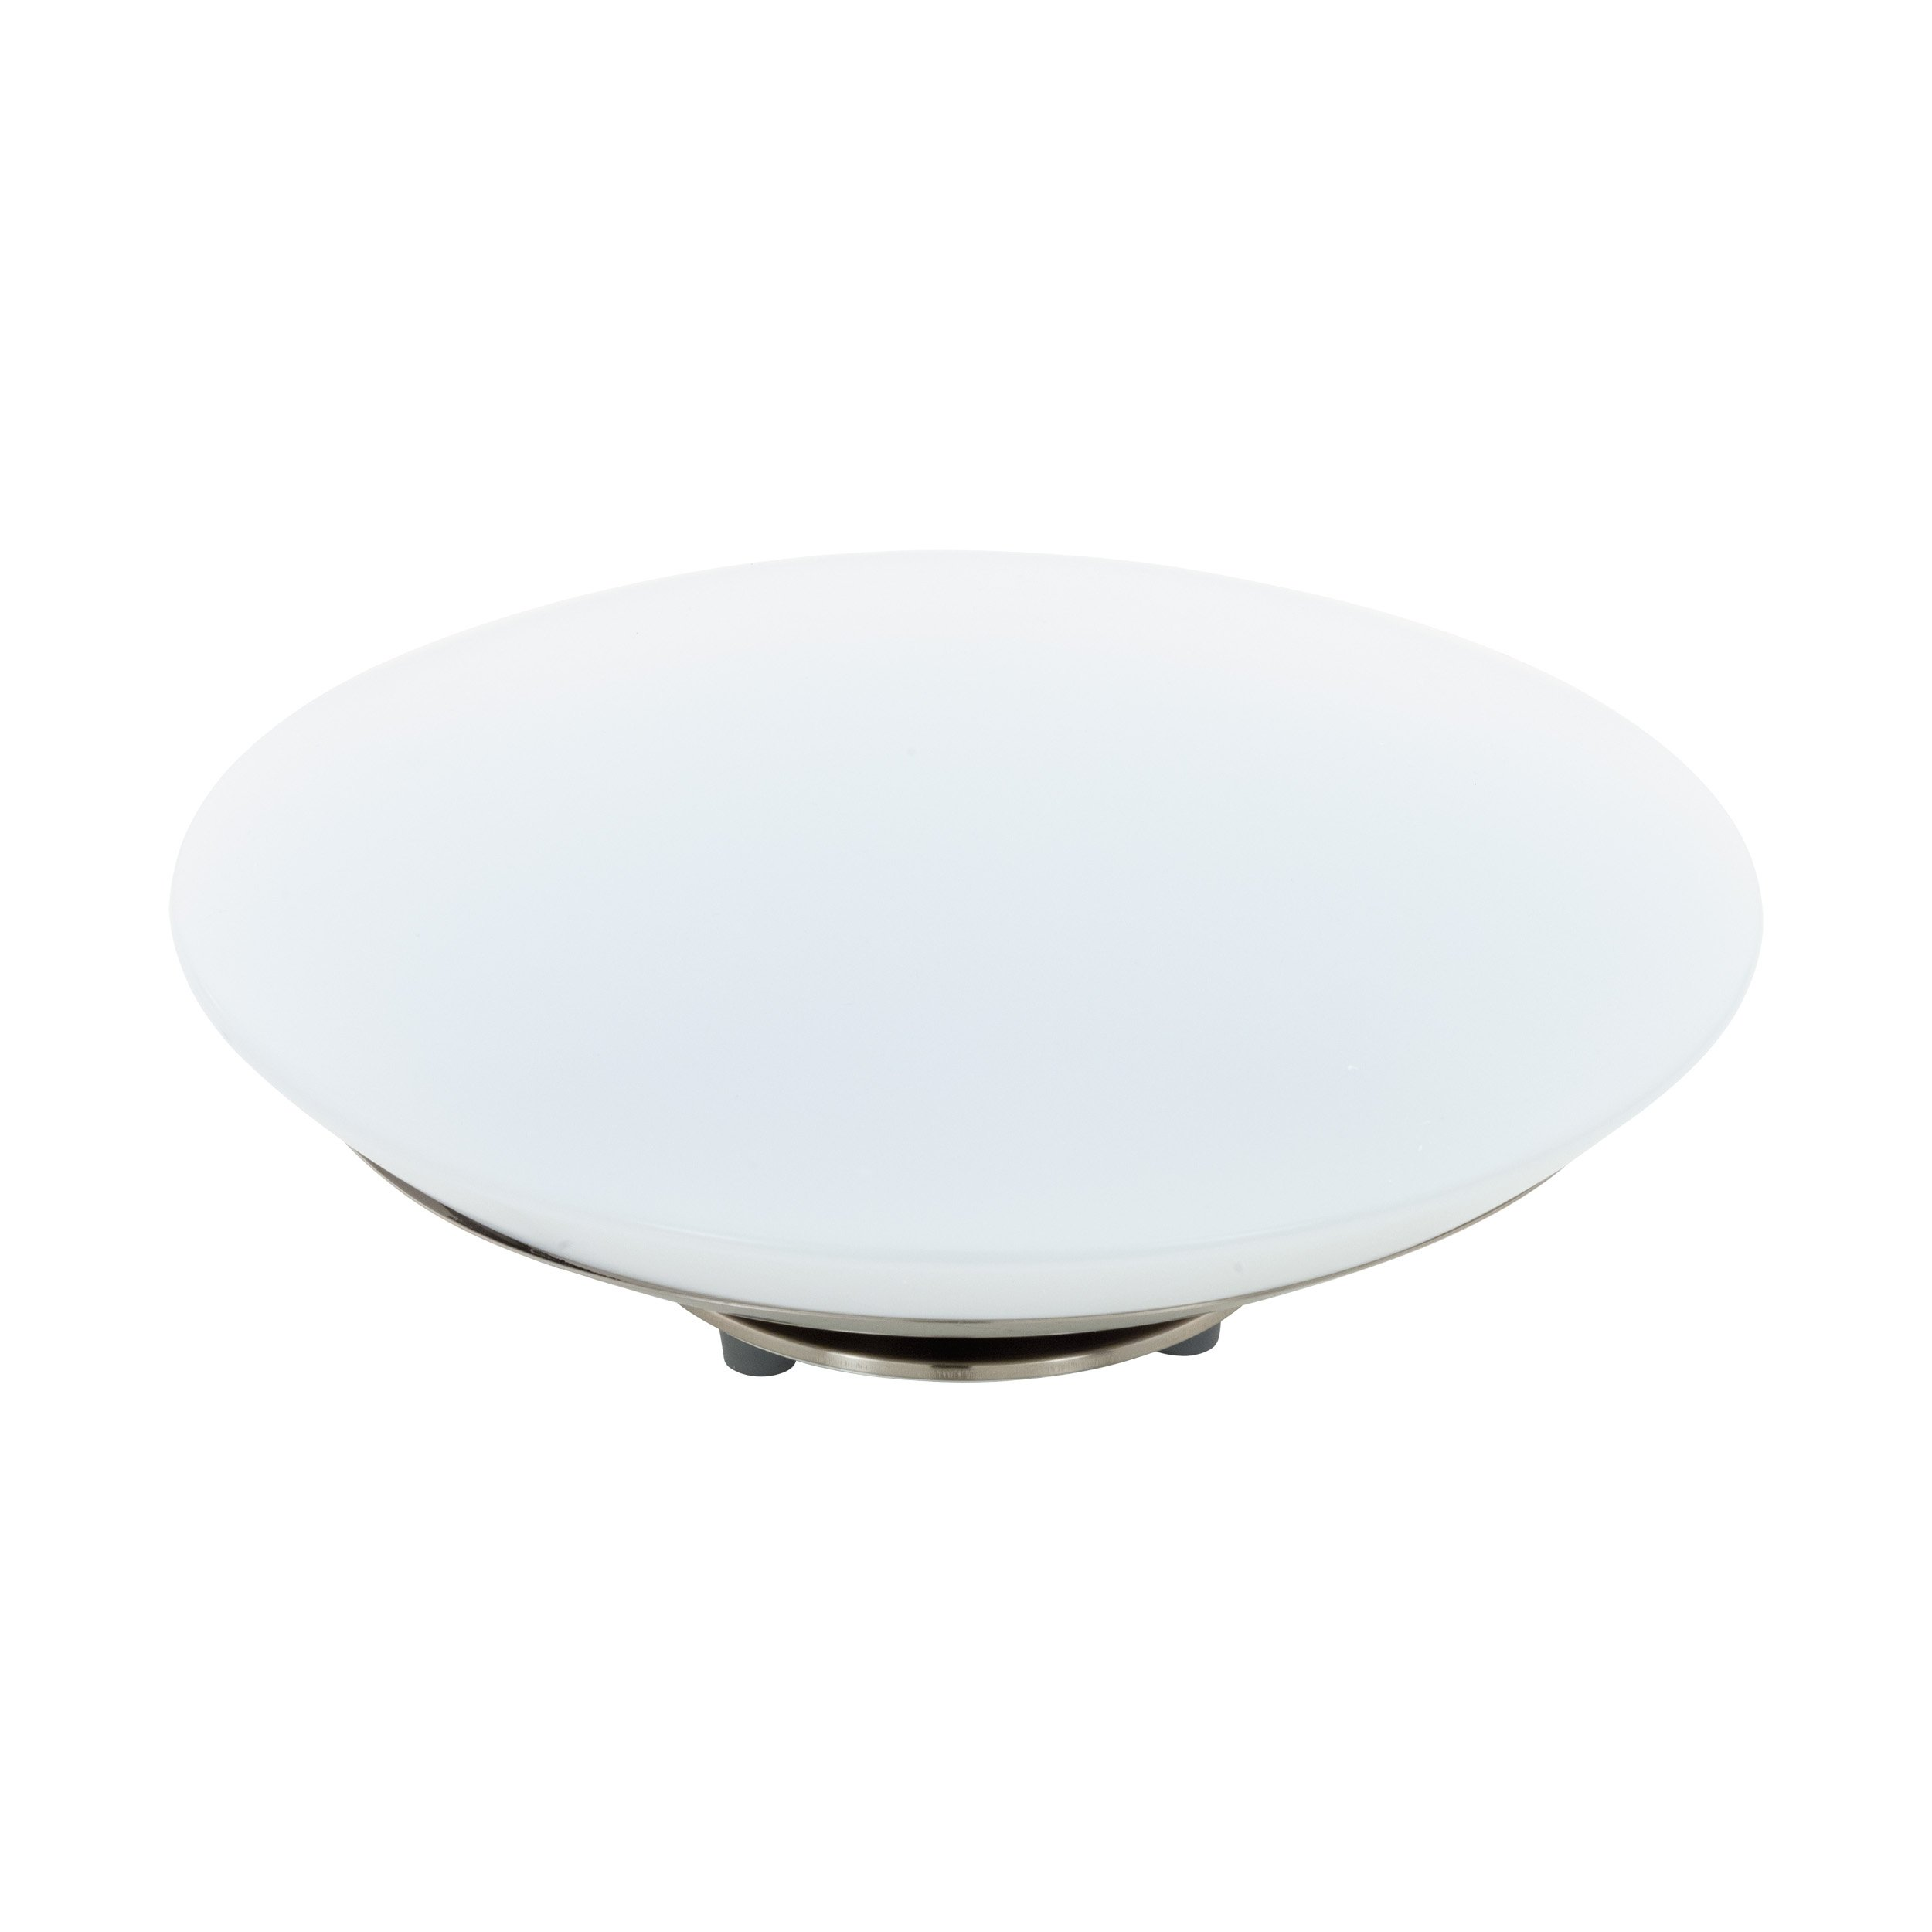 Tischleuchte FRATTINA-C nickel-matt